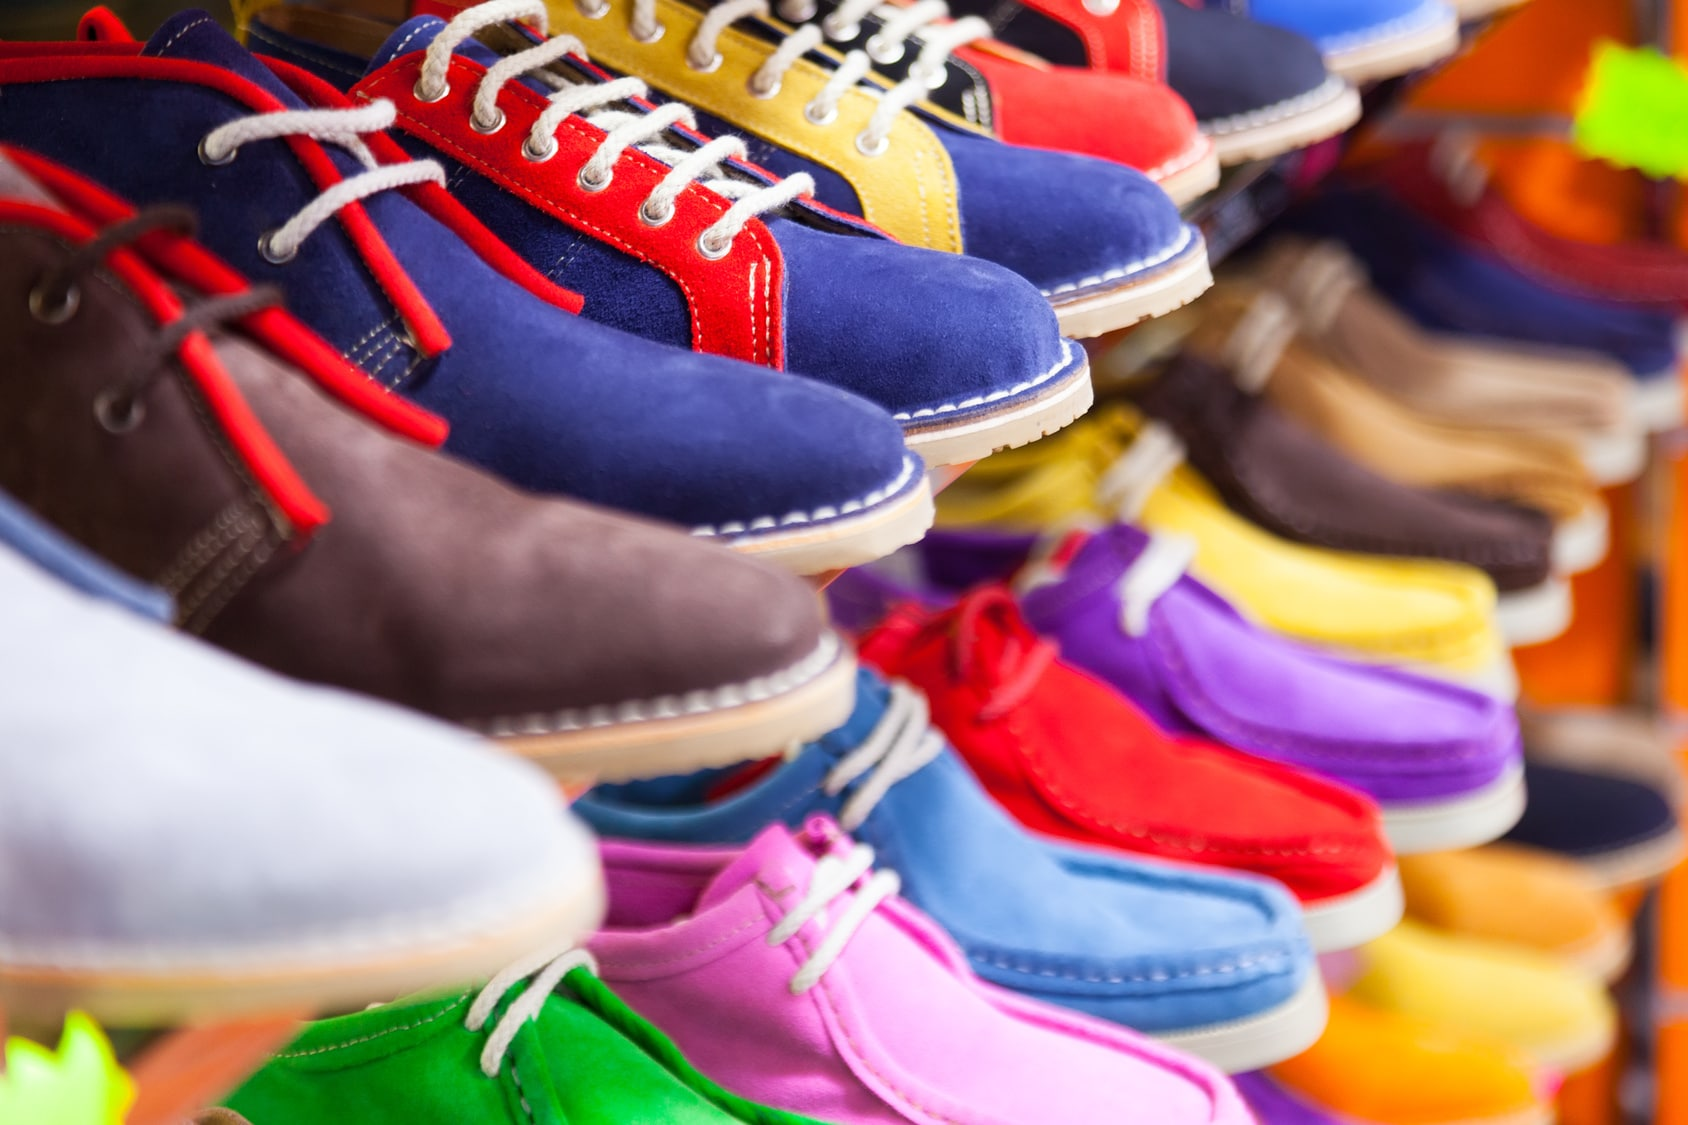 cee560f2e Vender Sapatos no Atacado  11 estratégias infalíveis